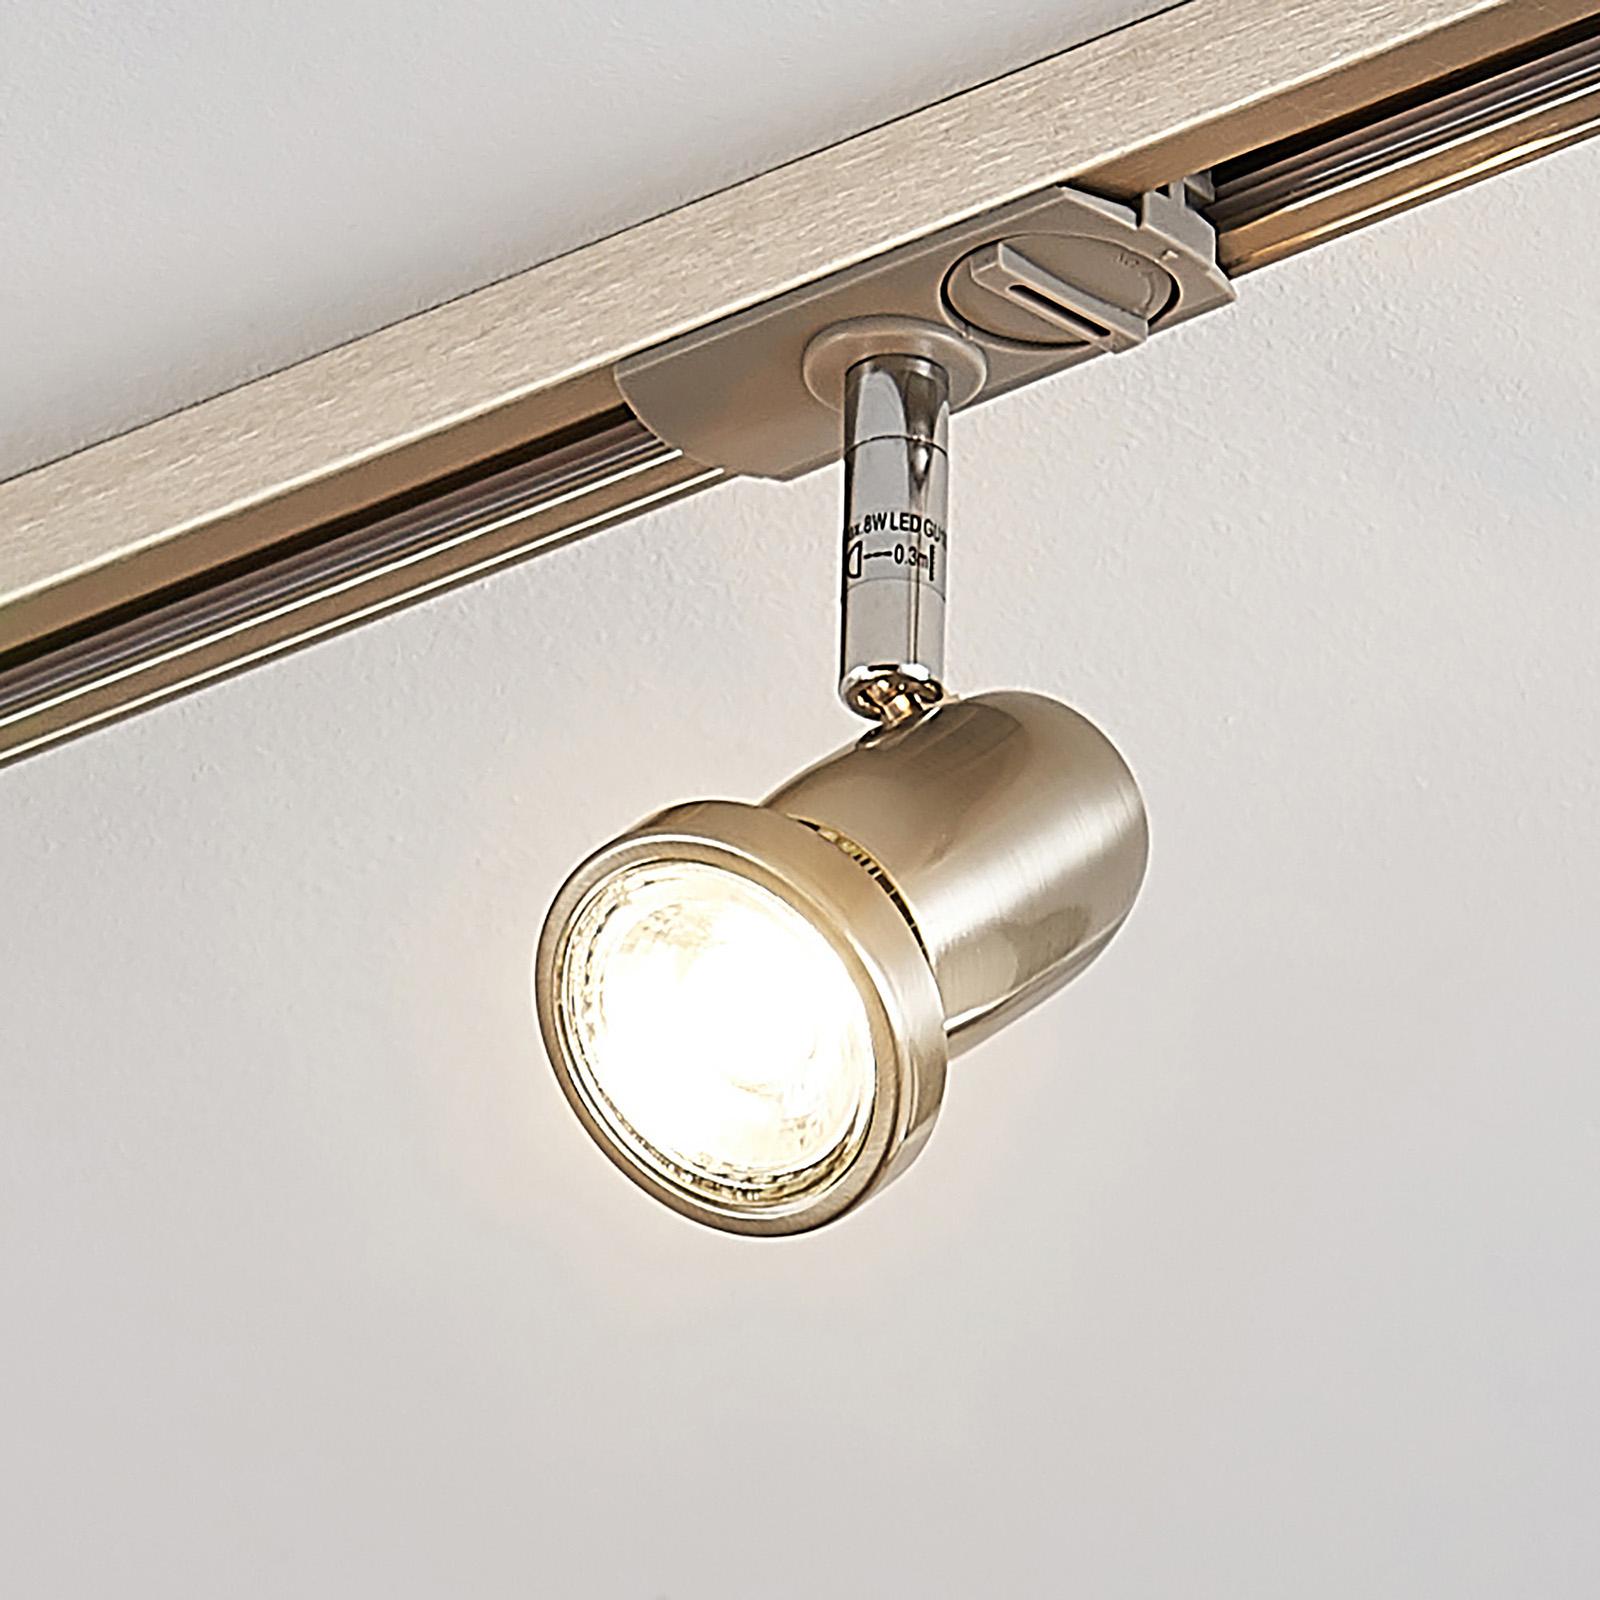 LED-Spot Radmir f. 1-Phasen-Schienensystem, nickel